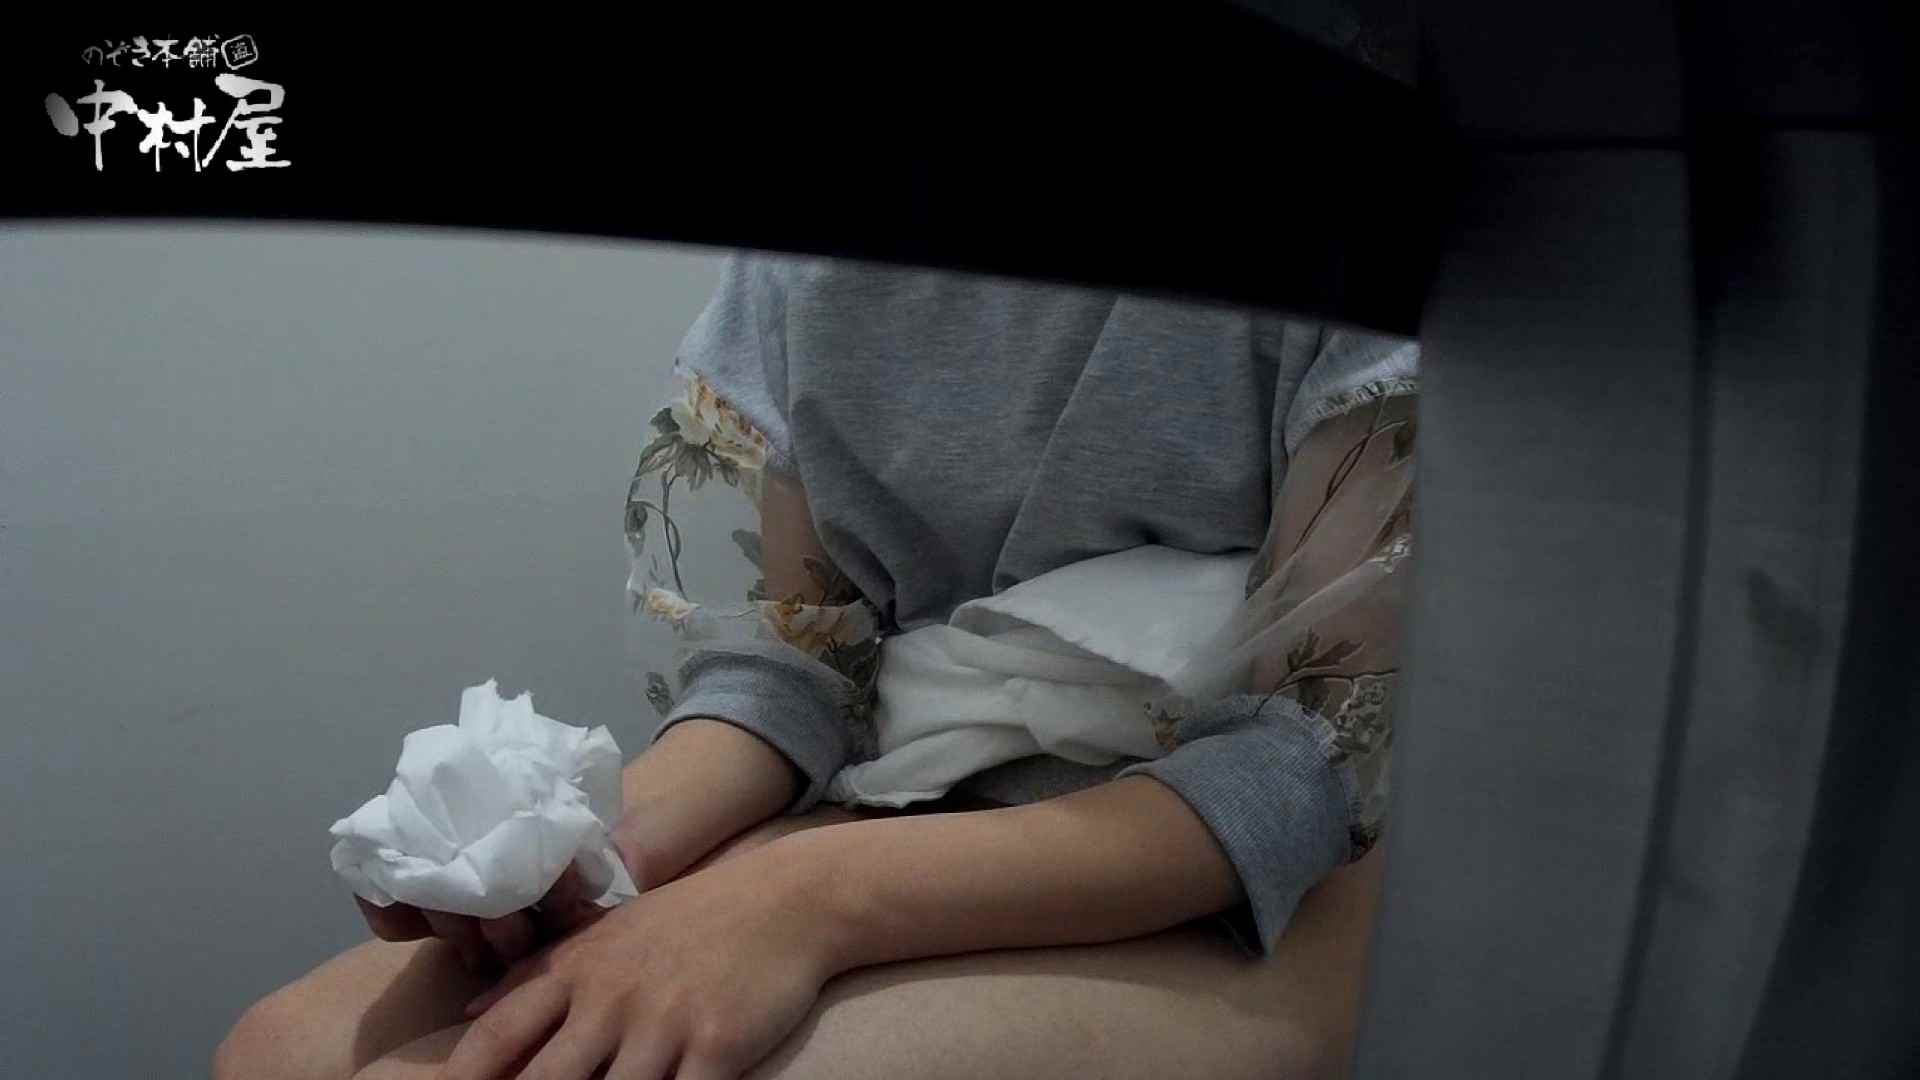 【某有名大学女性洗面所】有名大学女性洗面所 vol.40 ??おまじない的な動きをする子がいます。 和式トイレ | 美しいOLの裸体  91pic 81